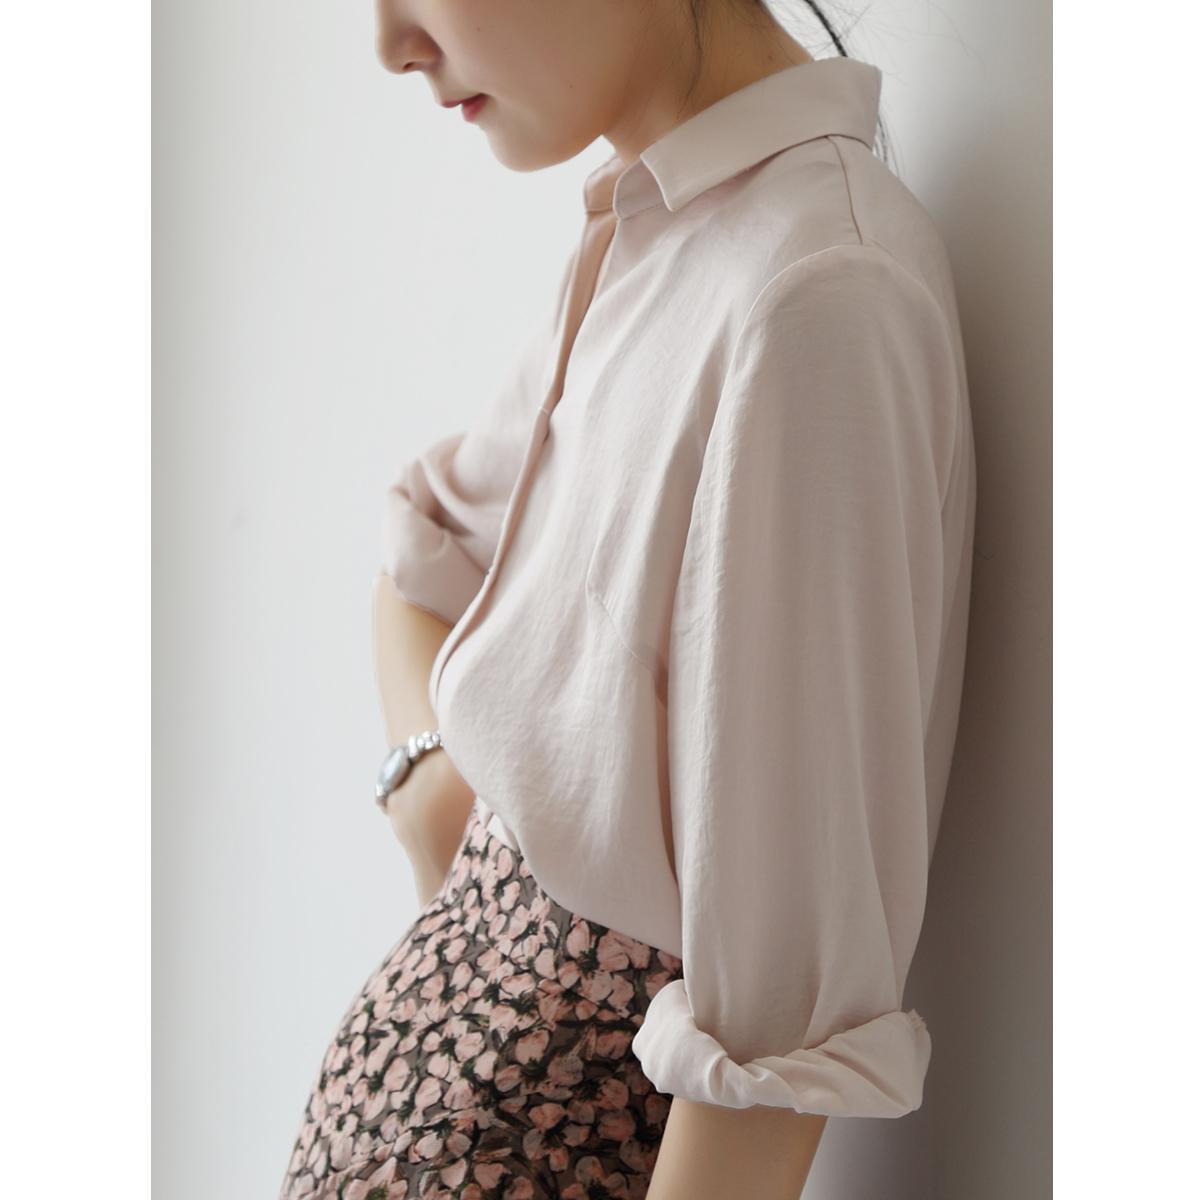 12月02日最新优惠SS STUDIO衬衫女设计感小众淡粉七分袖V领ol轻熟衬衣防晒薄款chic